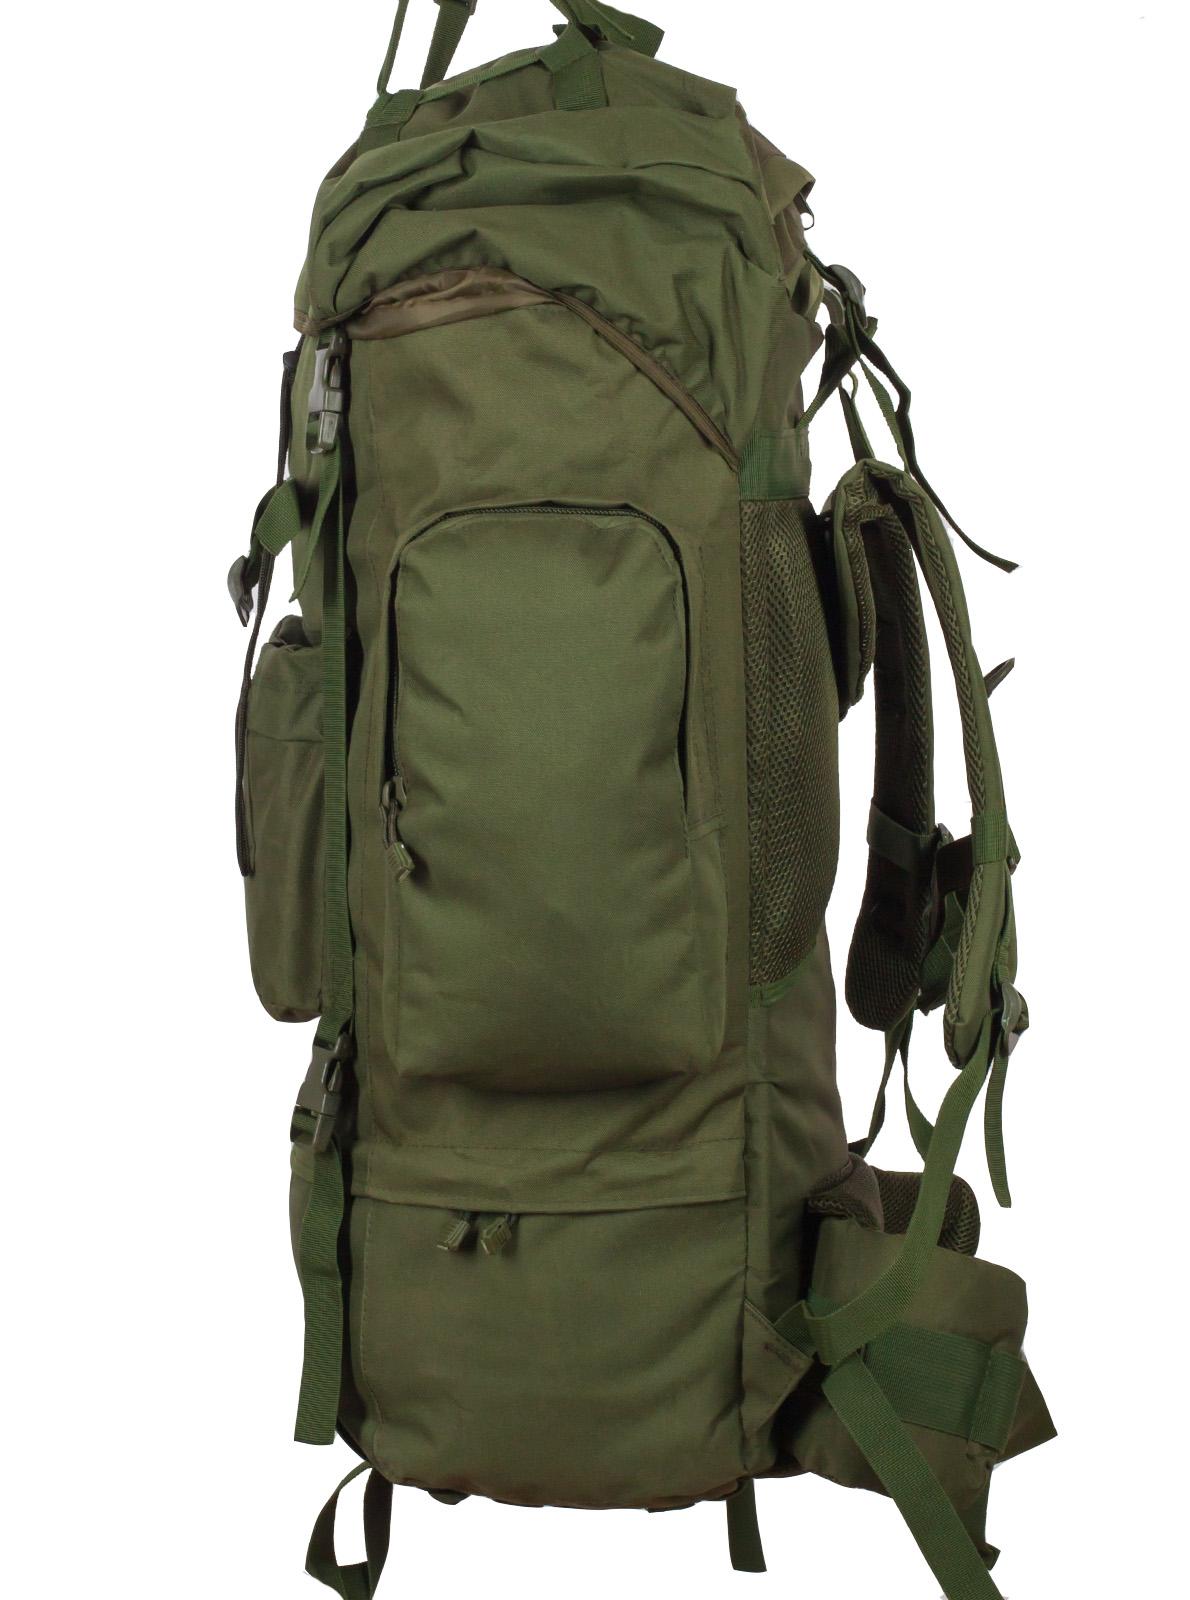 Армейский тактический рюкзак с в нашивкой Пограничной службы - заказать в розницу